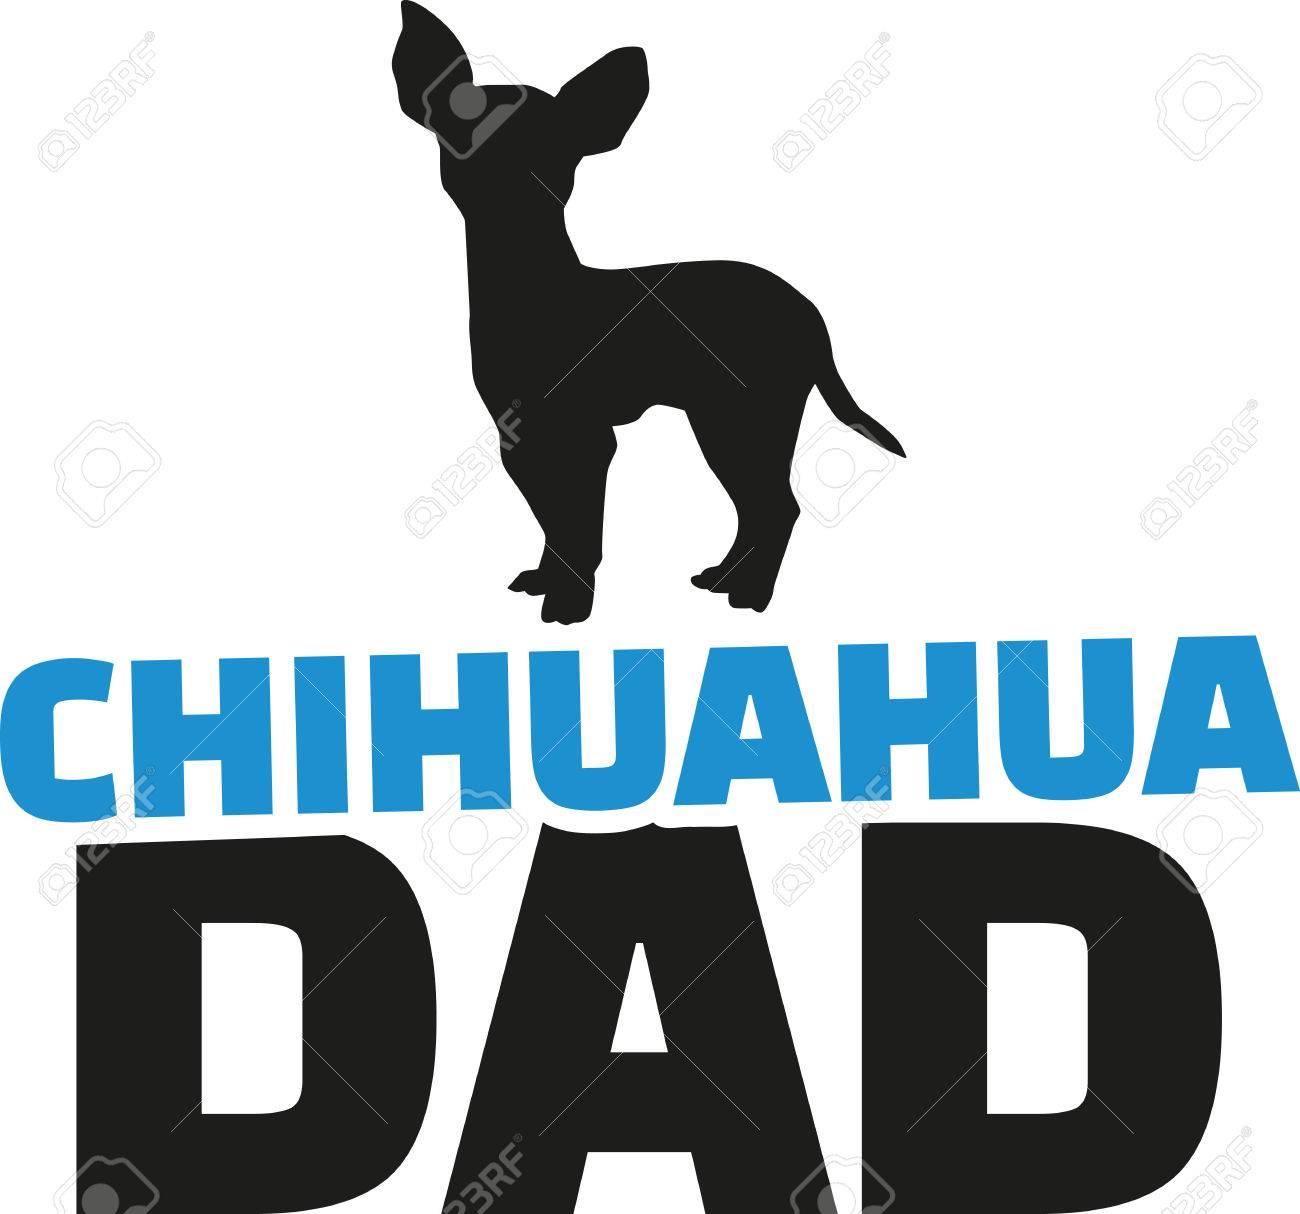 犬シルエットとチワワのお父さんのイラスト素材ベクタ Image 51405989